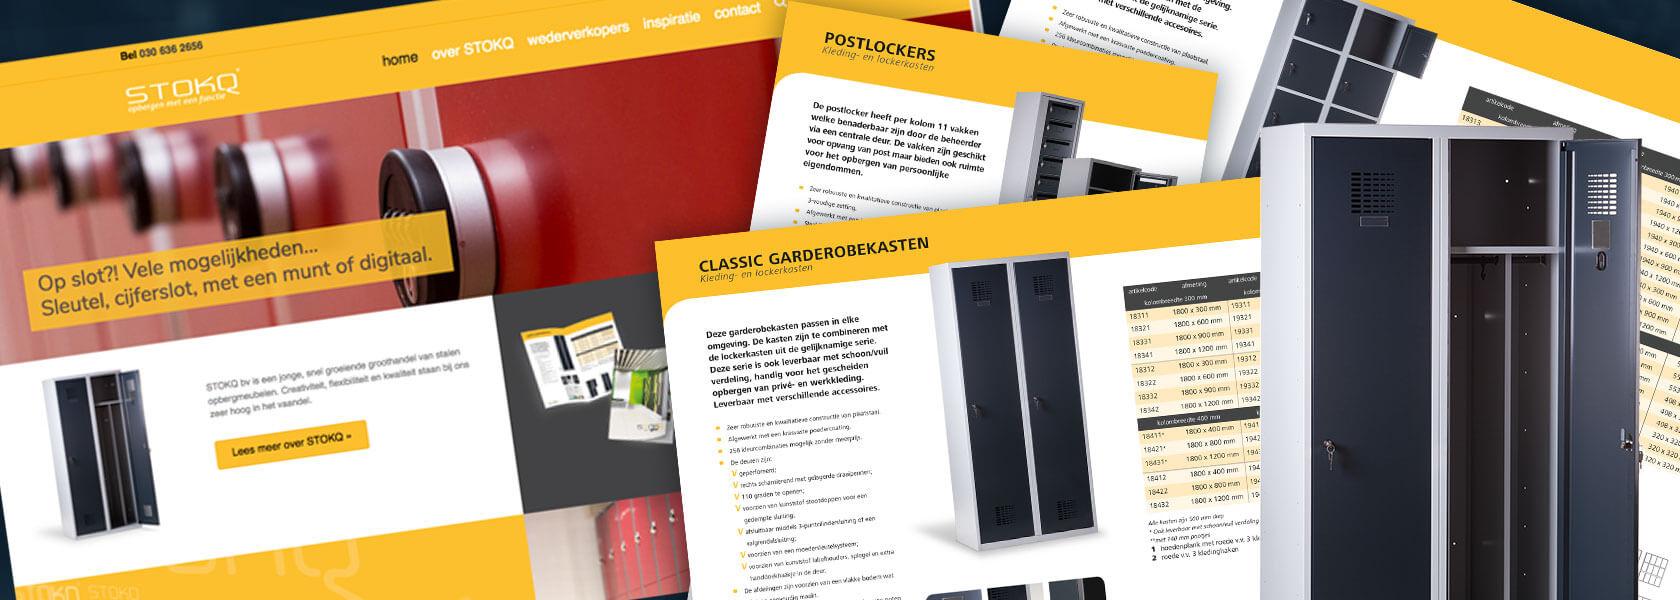 vjake-ontwerp-drukwer-website-stokq-big